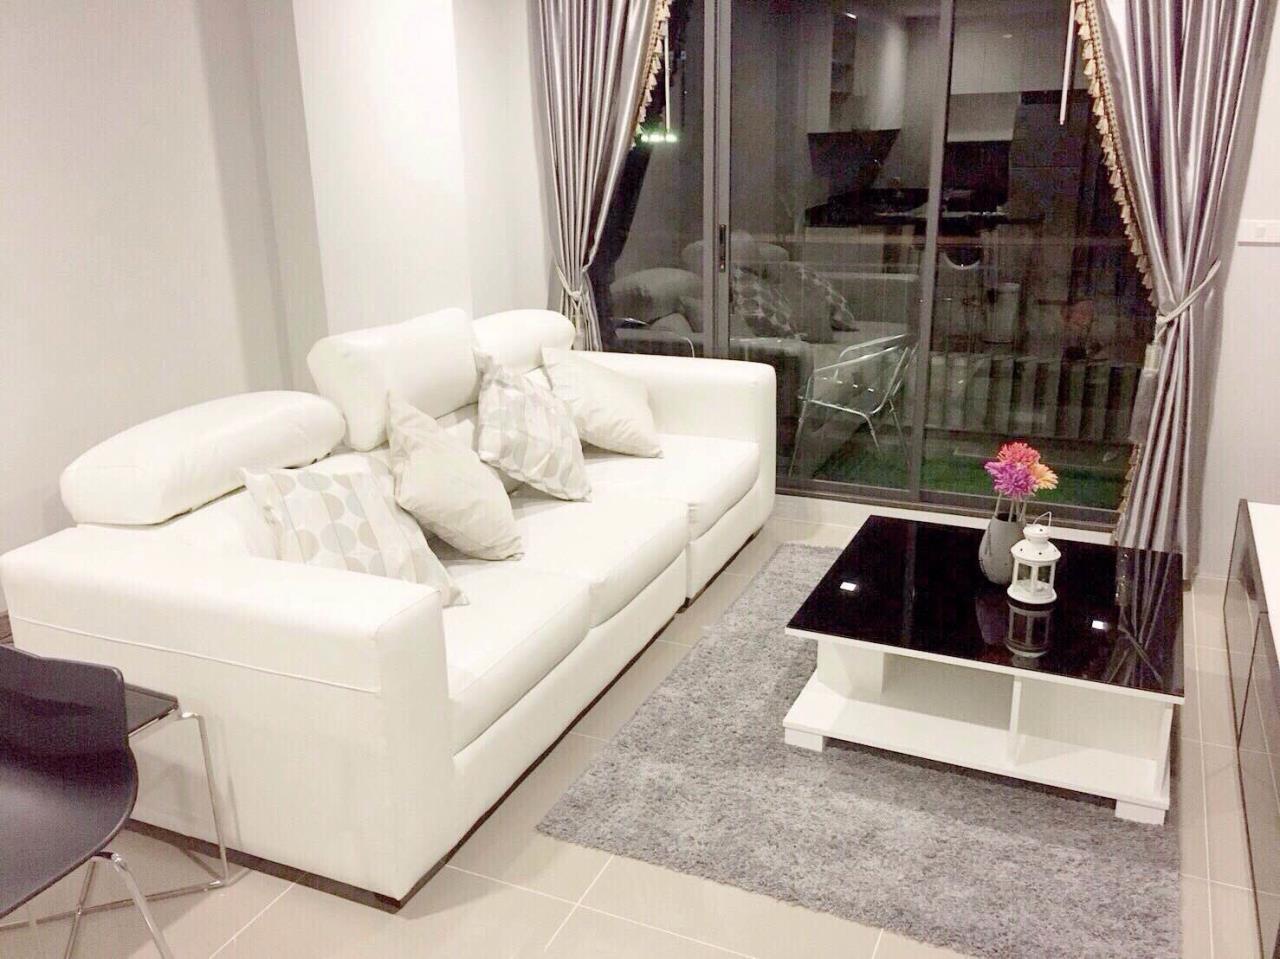 Century21 Skylux Agency's Mirage Sukhumvit 27 / Condo For Sale / 1 Bedroom / 50 SQM / BTS Asok / Bangkok 1